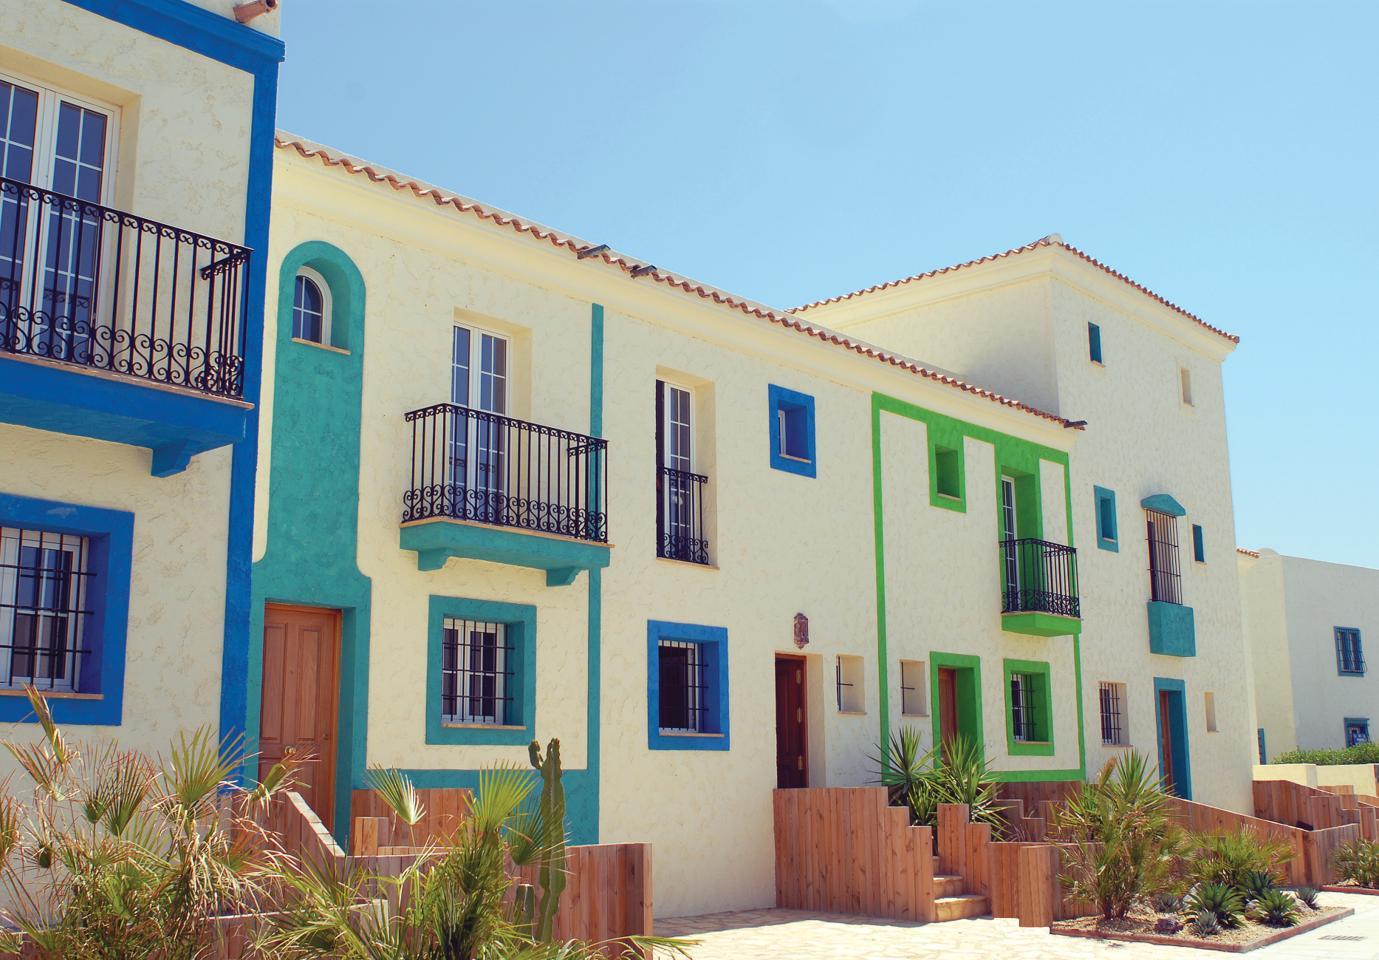 Casa / chalet Playa Marques, Cuevas del Almanzora